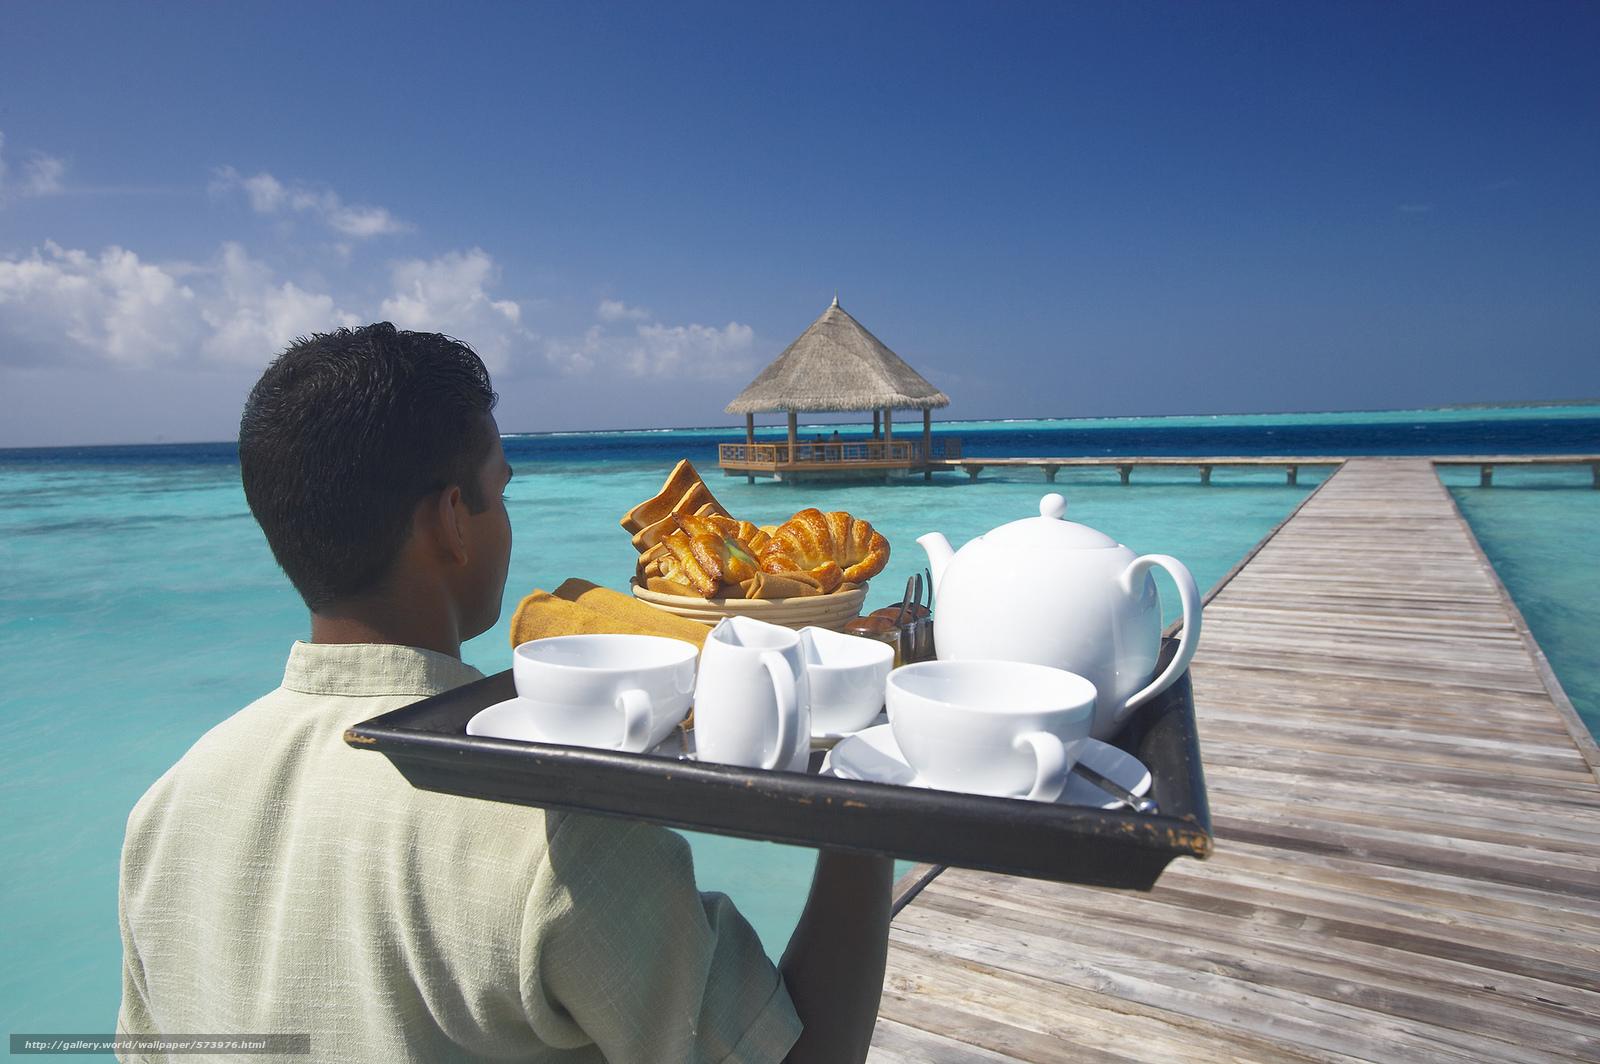 Скачать обои еда,  облака,  океан,  поднос бесплатно для рабочего стола в разрешении 2048x1362 — картинка №573976